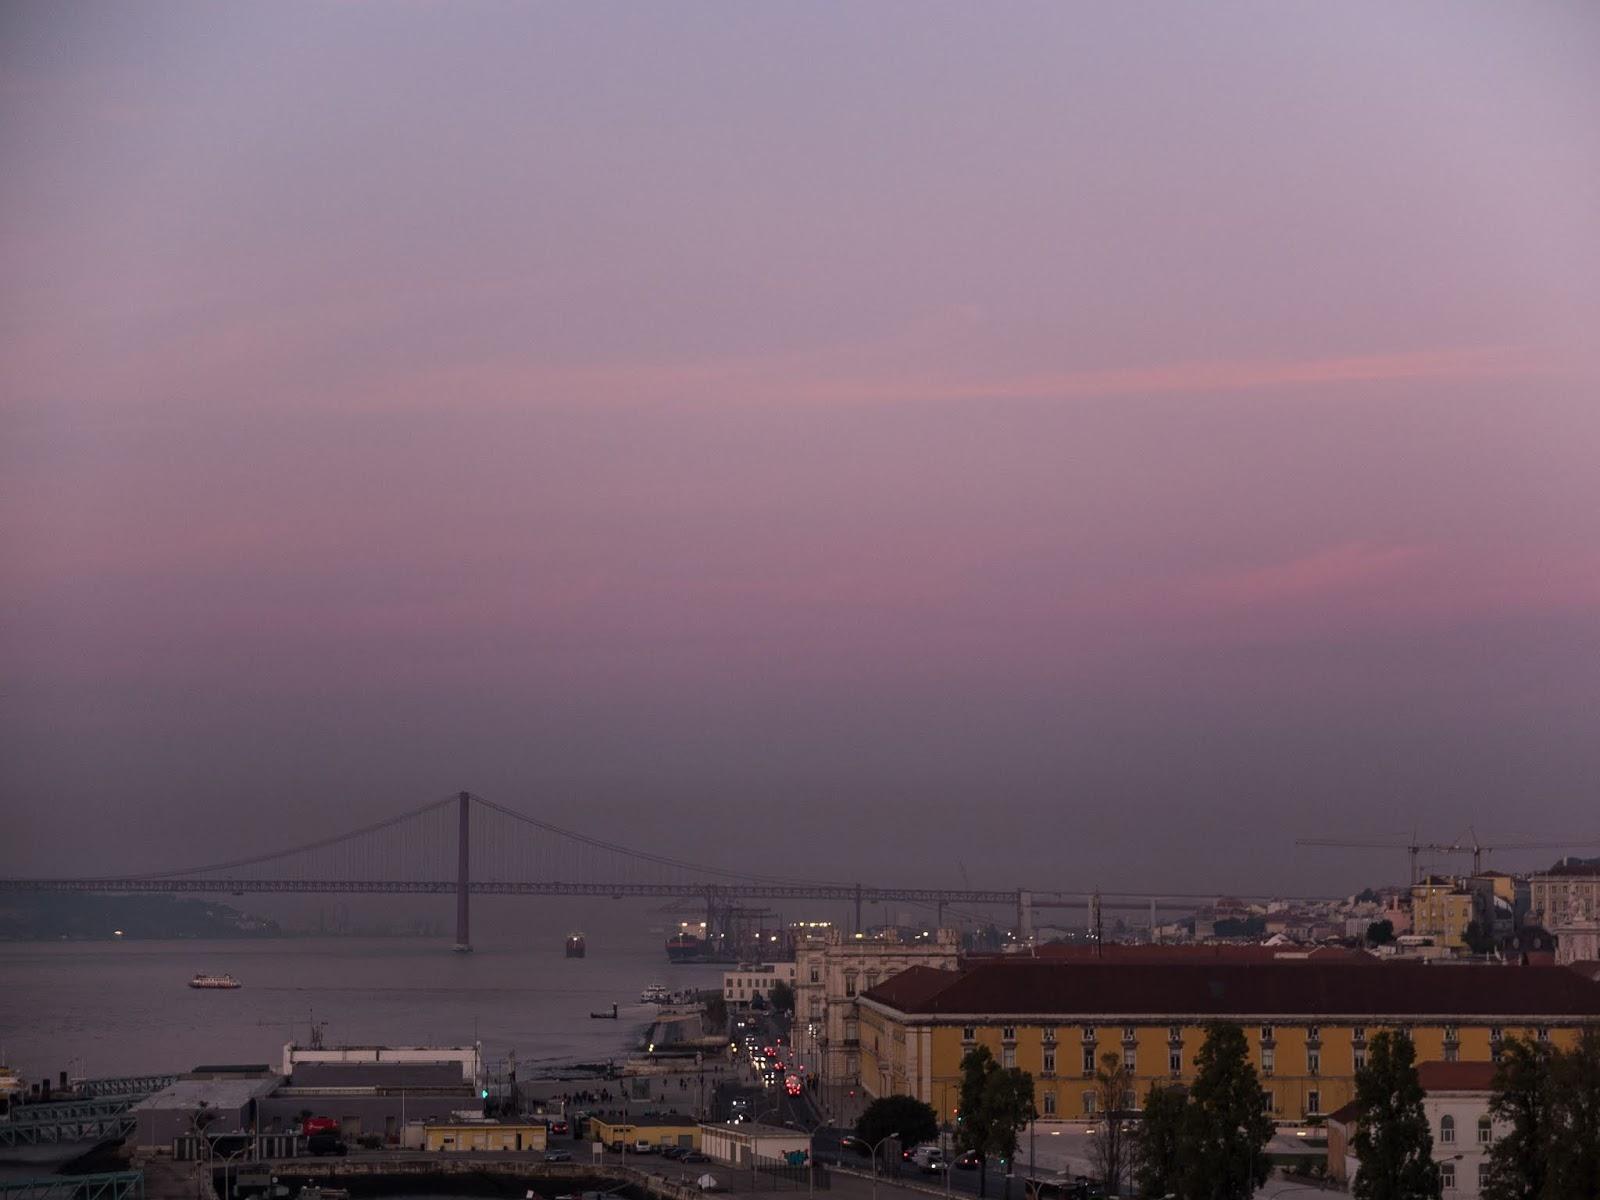 25 de Abril bridge in Lisbon at sunrise.